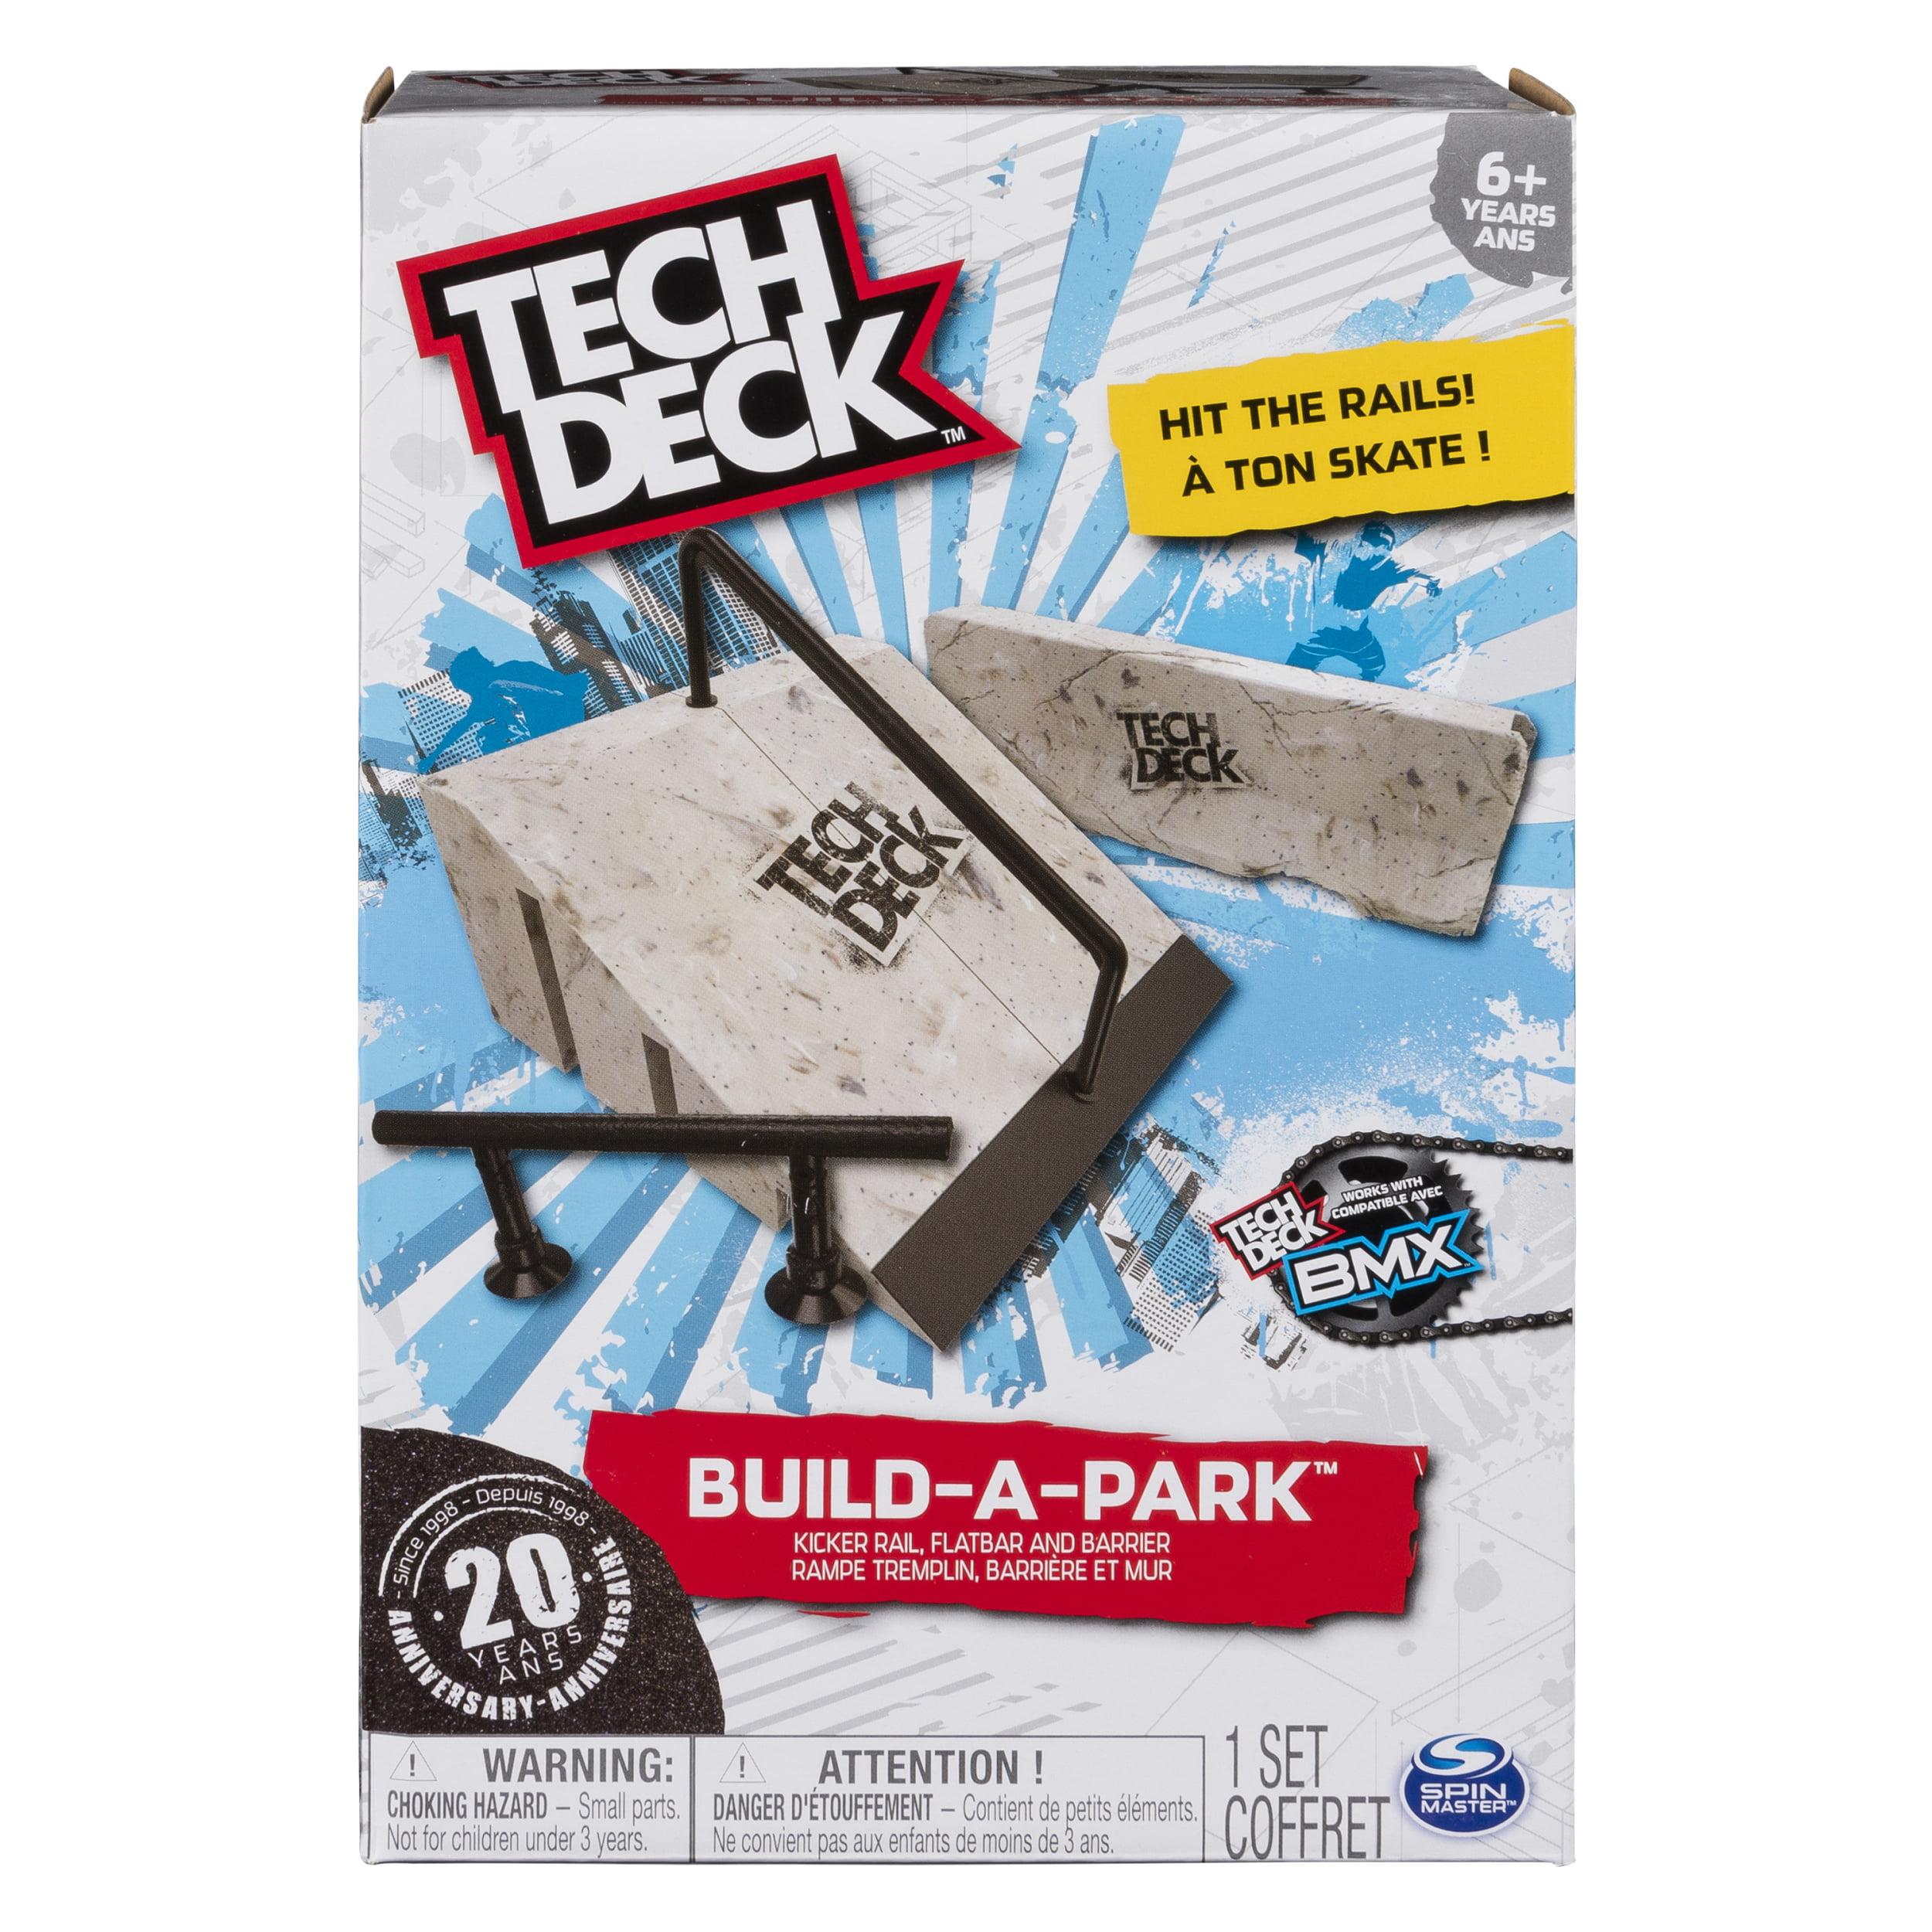 Tech Deck Build A Park Kicker Rail Flatbar And Barrier Ramps For Tech Deck Board And Bikes Walmart Com Walmart Com